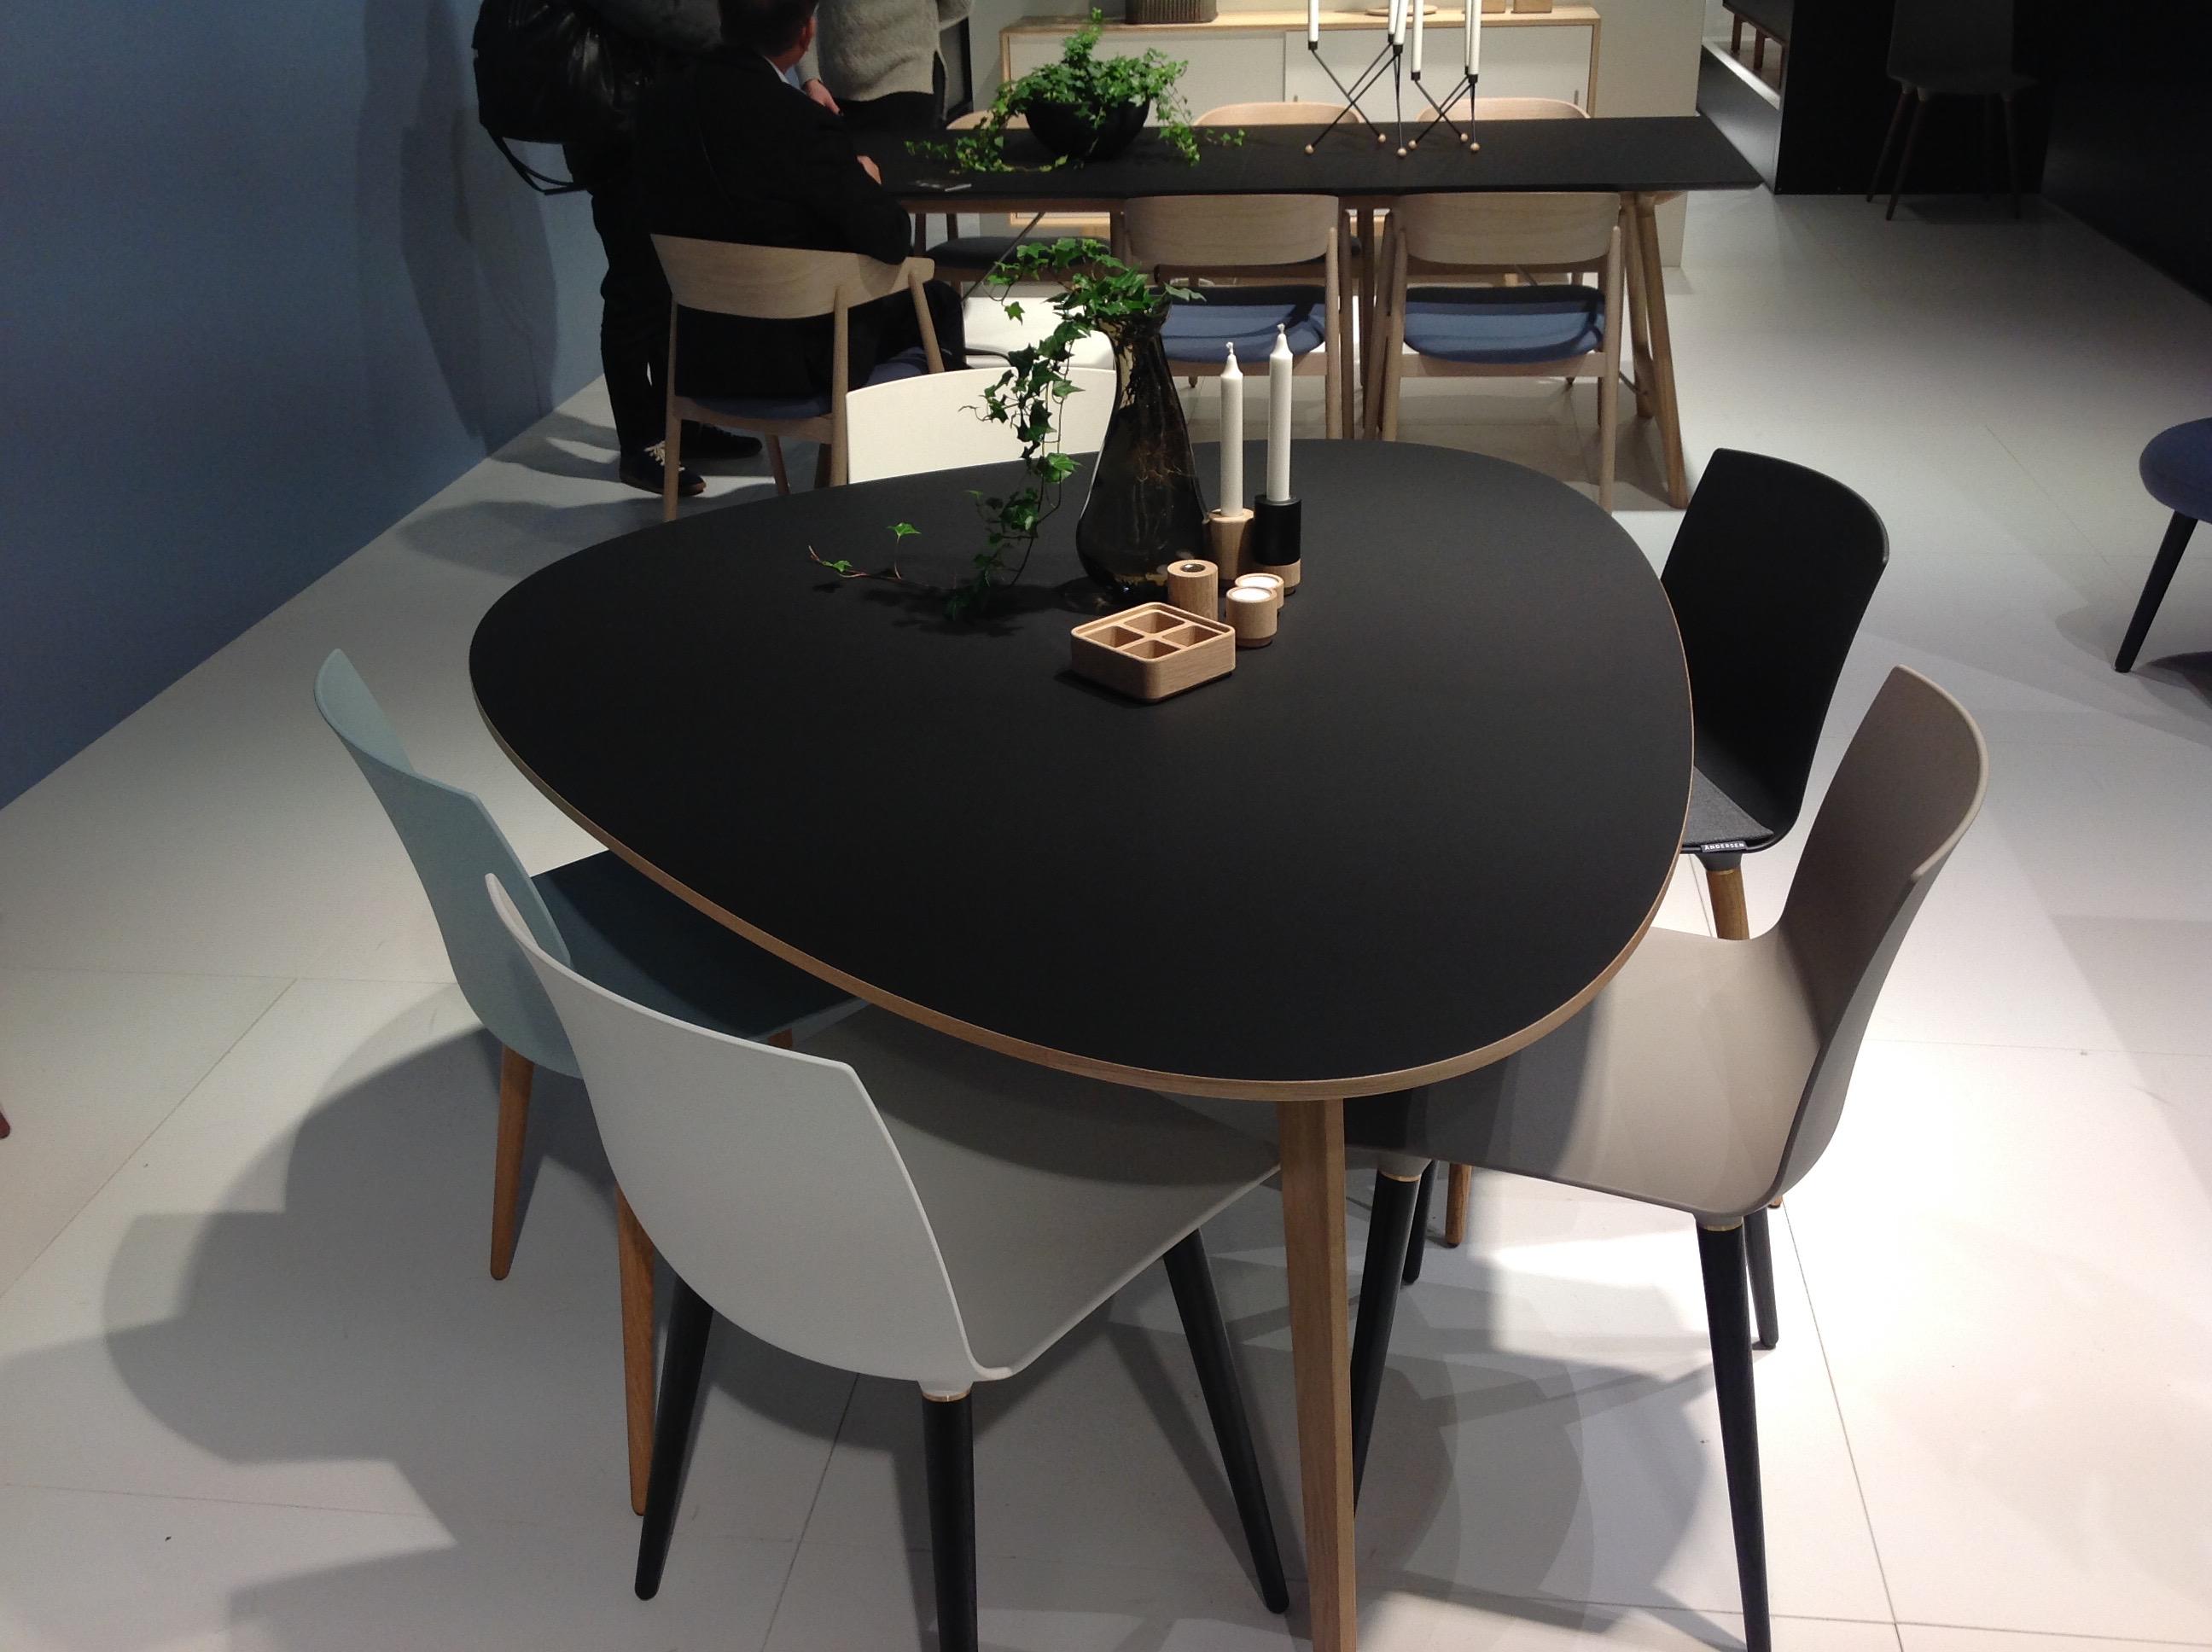 Ny form på spisebordet fra Andersen sammen med TAC stoler.